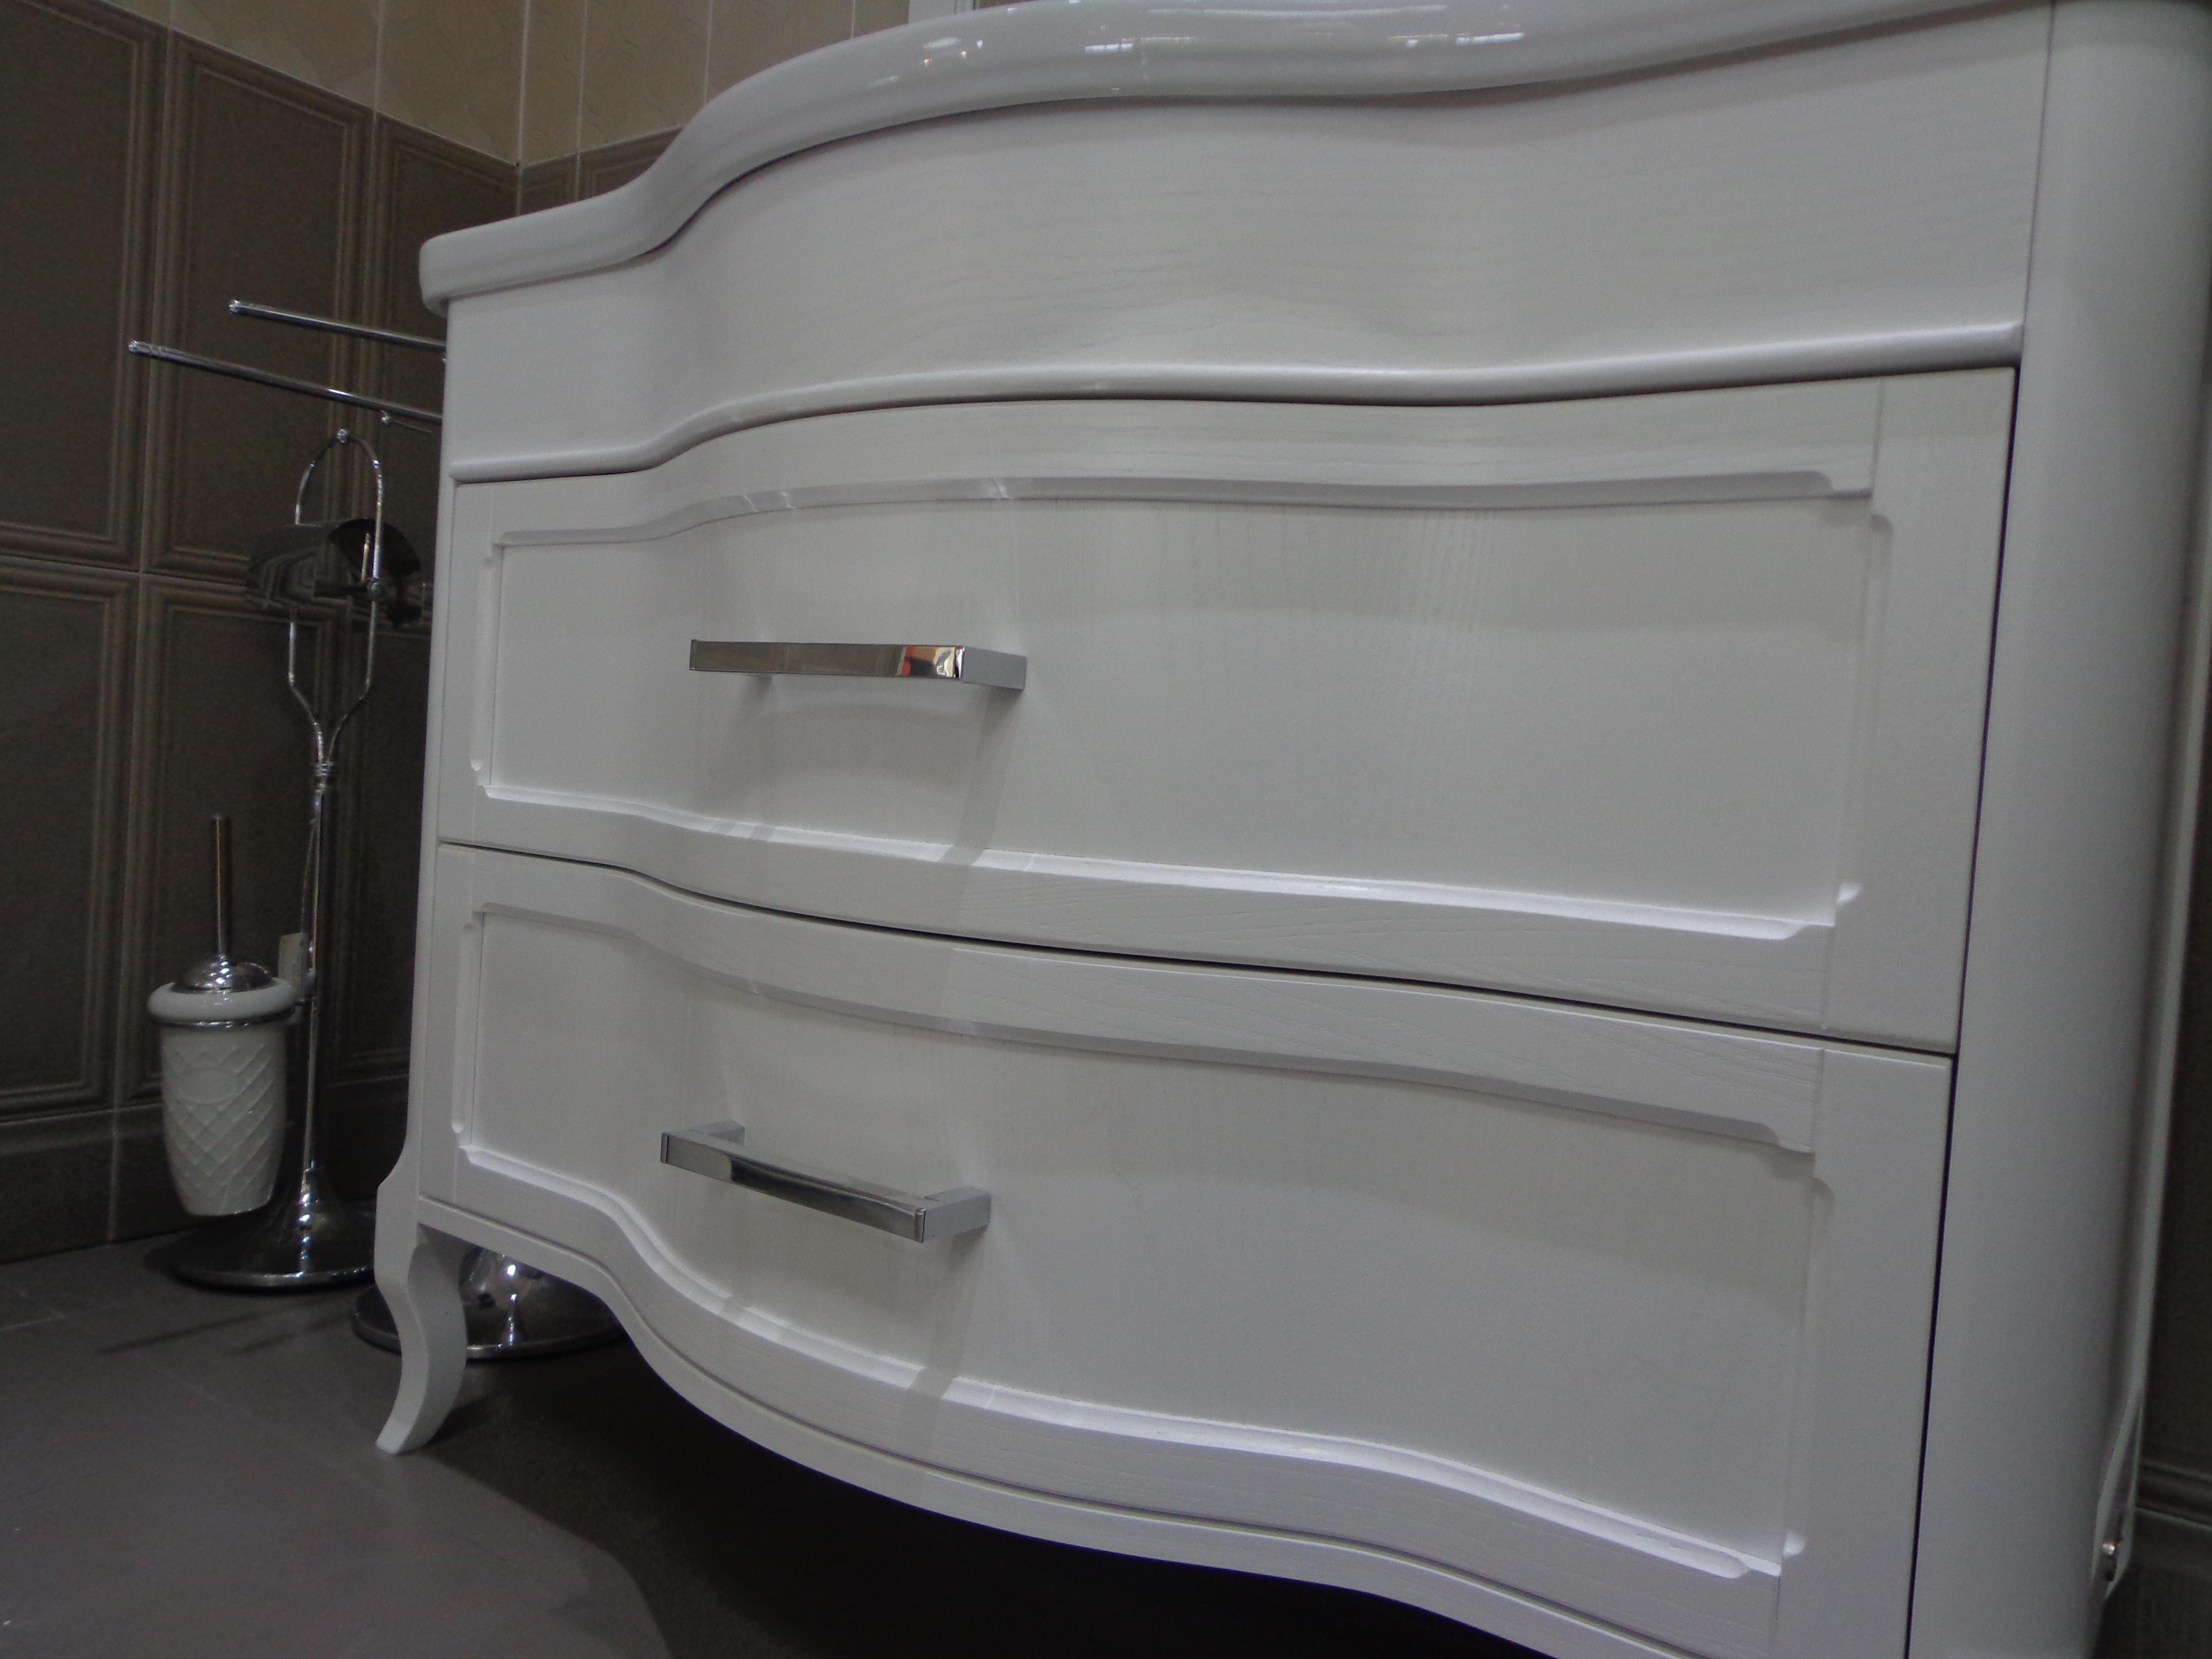 Mobile bagno rachele arredo bagno a prezzi scontati for Mobile arredo bagno